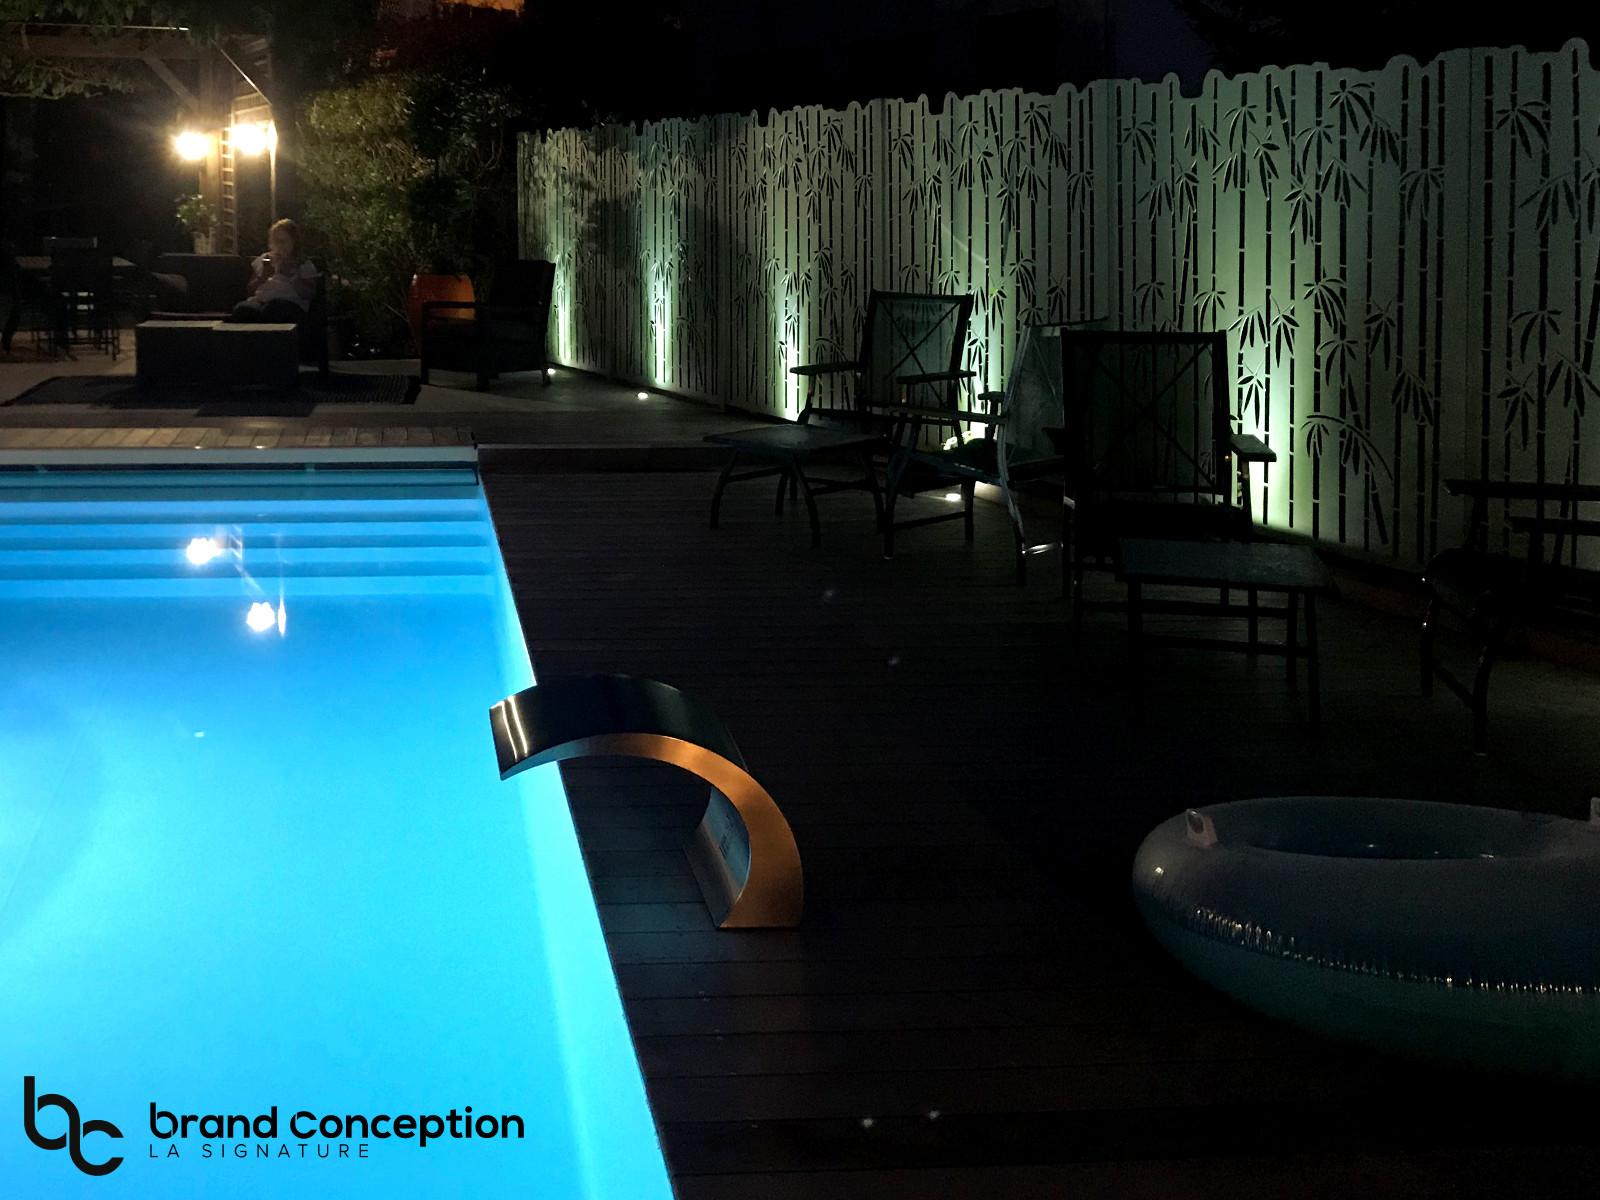 Brand conception fargesia autour de la piscine for Conception piscine